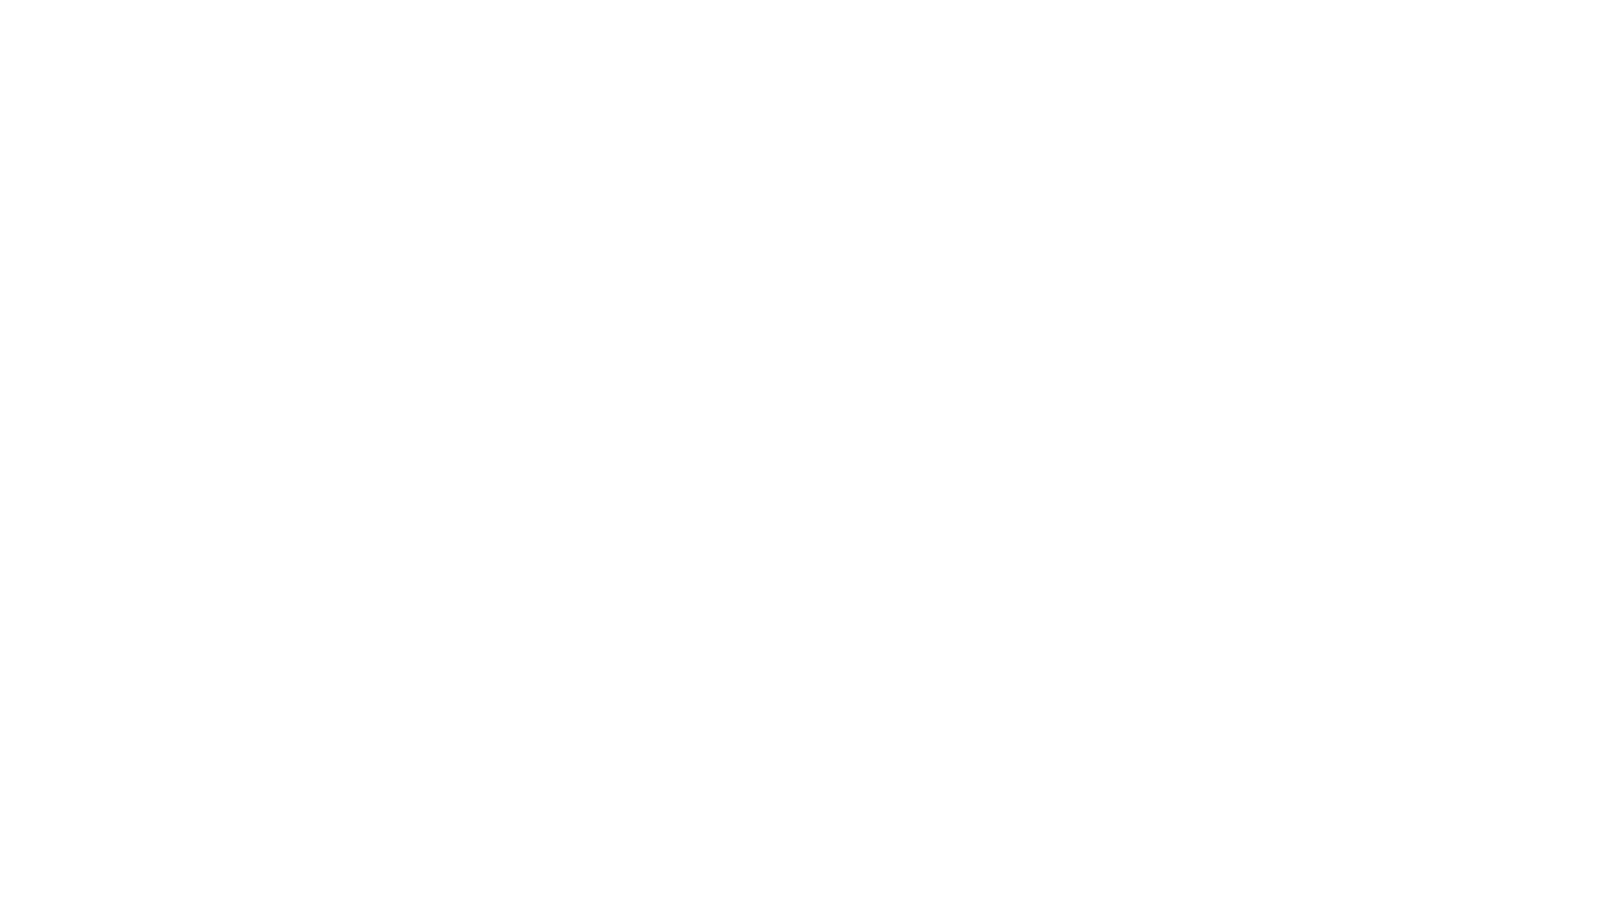 Il pittore Raffaele Sannino realizza un dipinto per la nostra rubrica. Una natura morta molto evocativa. - PS. Se anche tu vuoi condividere la tua arte, manda un video a info@ilchaos.com e lo prenderemo in considerazione! -  www.ilchaos.com